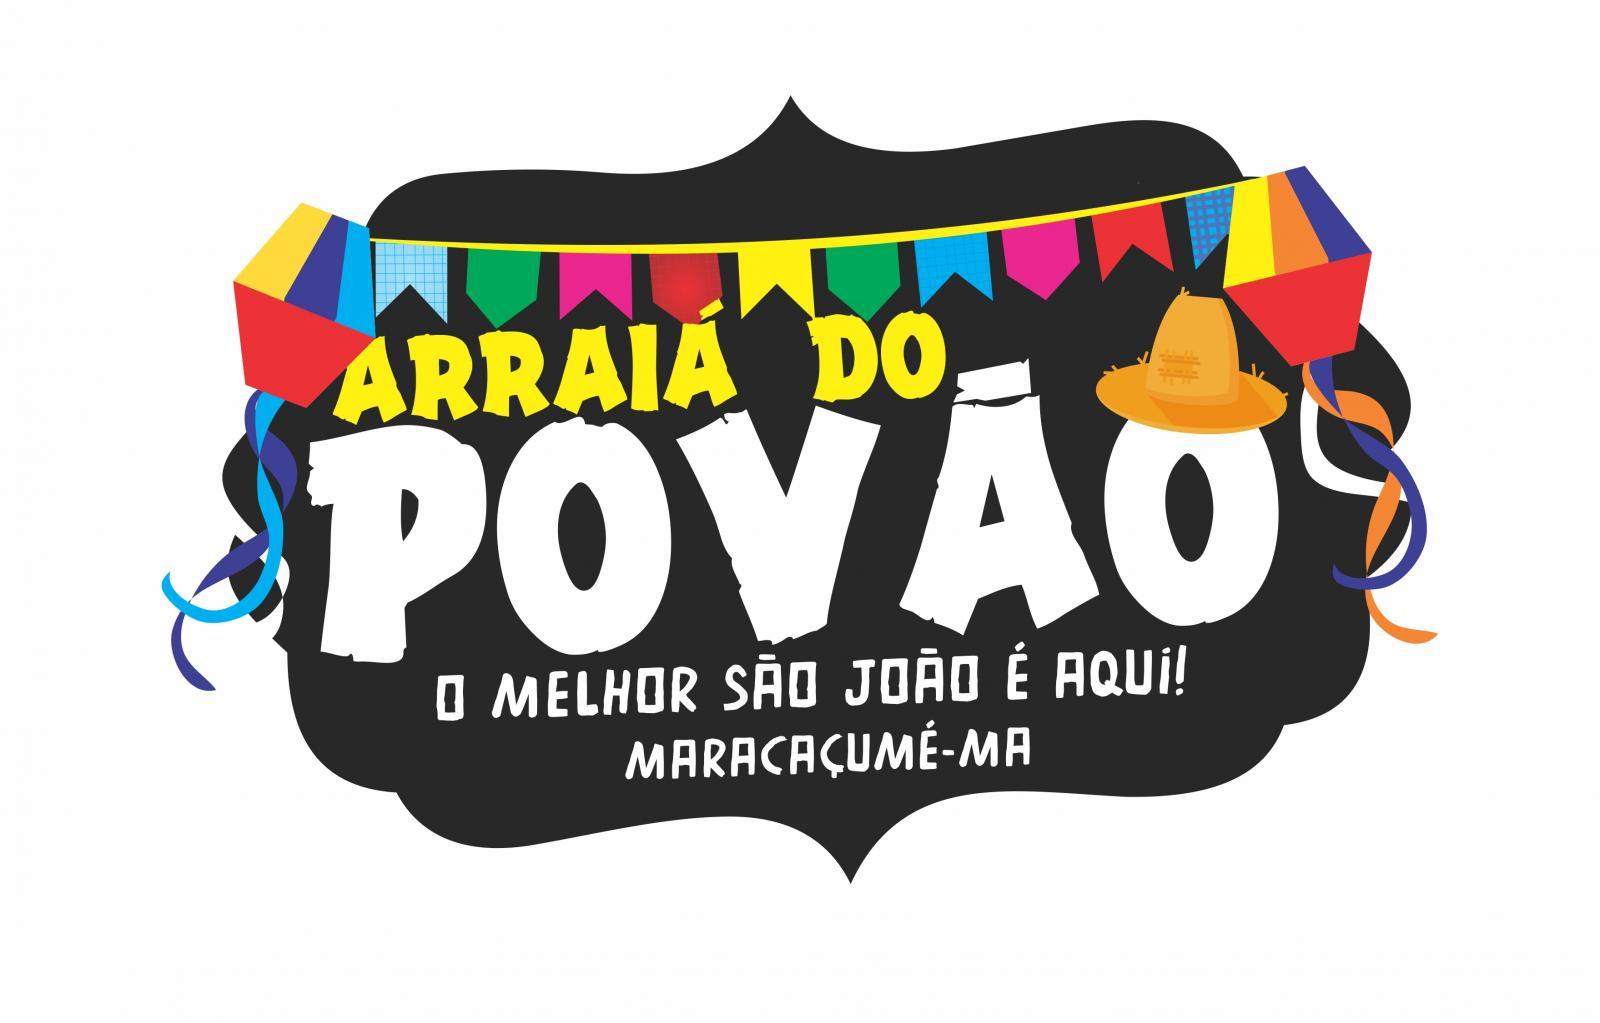 Confira as atrações do Arraiá do Povão 2017